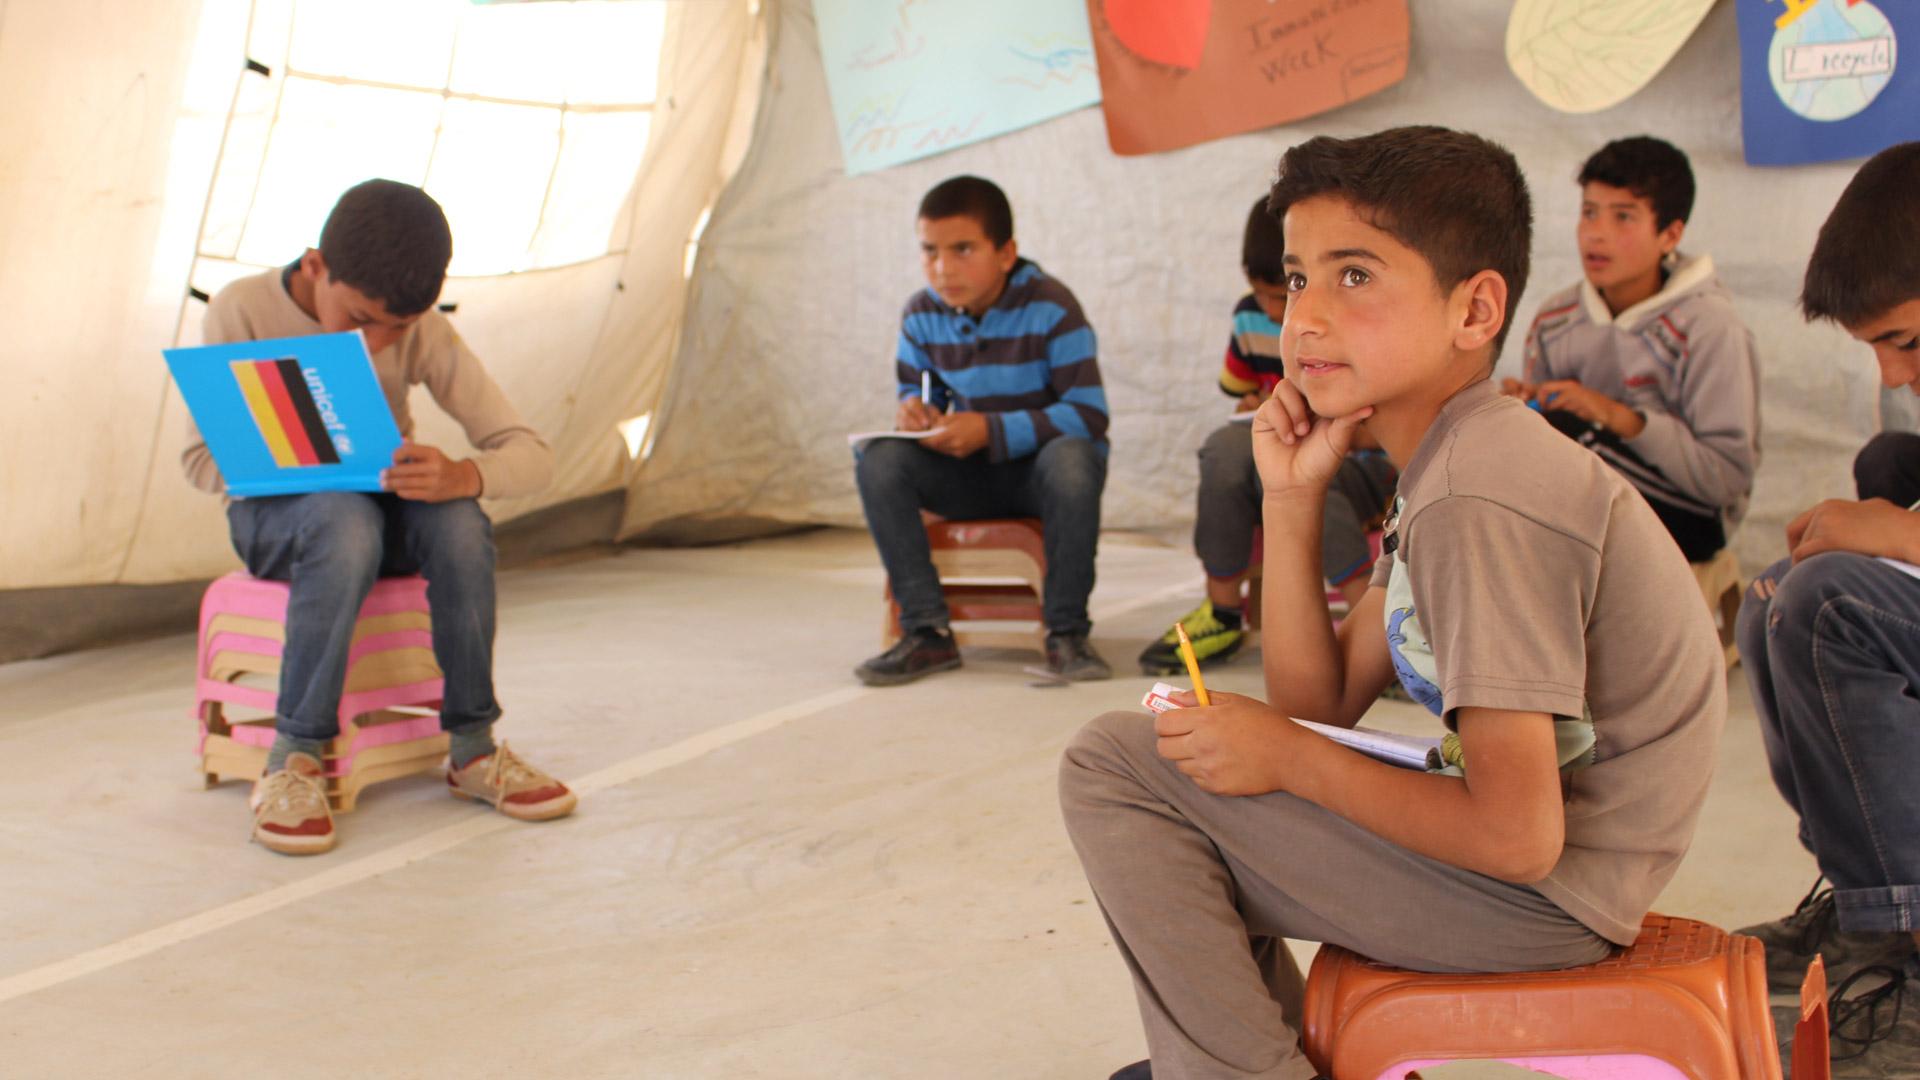 """Die UNICEF-Initiative """"No lost generation"""" will durch Bildungsangebote und psychosoziale Hilfe verhindern, dass in Syrien eine """"verlorene Generation"""" heranwächst, die nur Krieg und Zerstörung erlebt hat."""